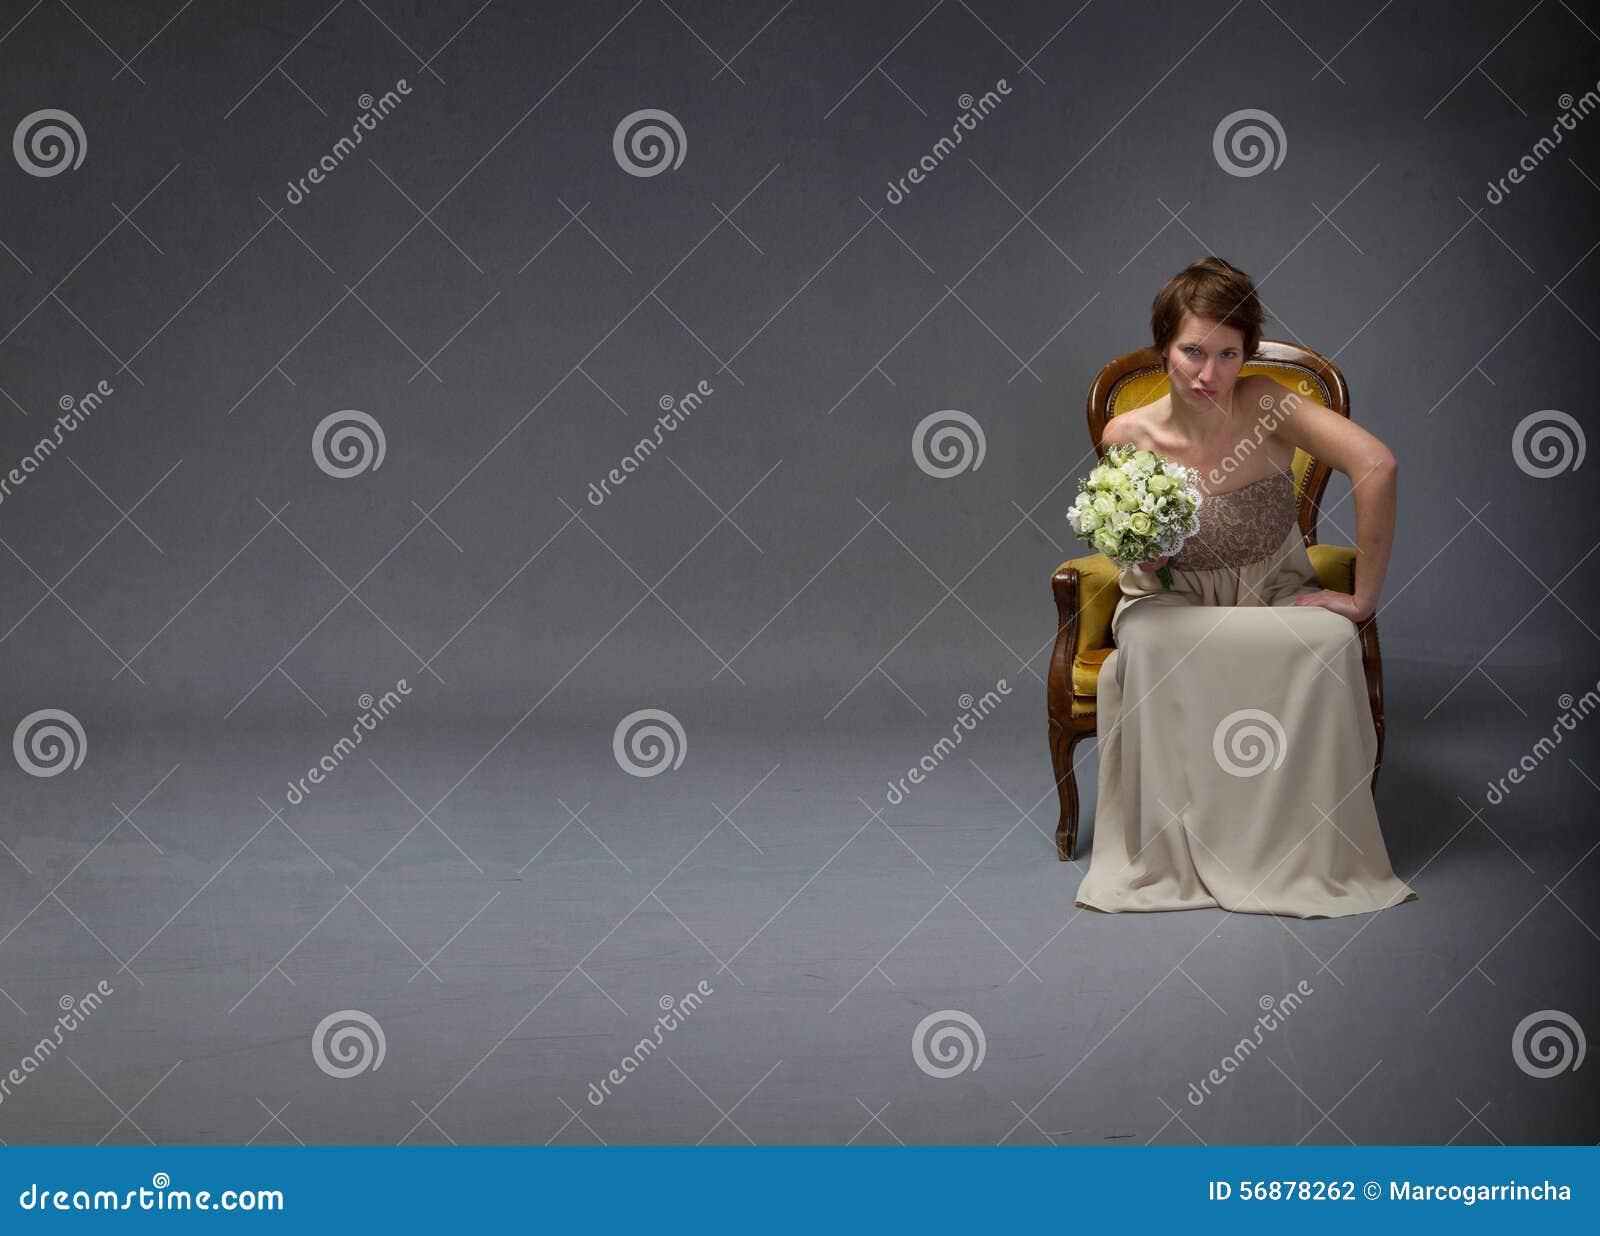 Γυναίκα νυφών δυστυχισμένη στον τρόπο μοναξιάς